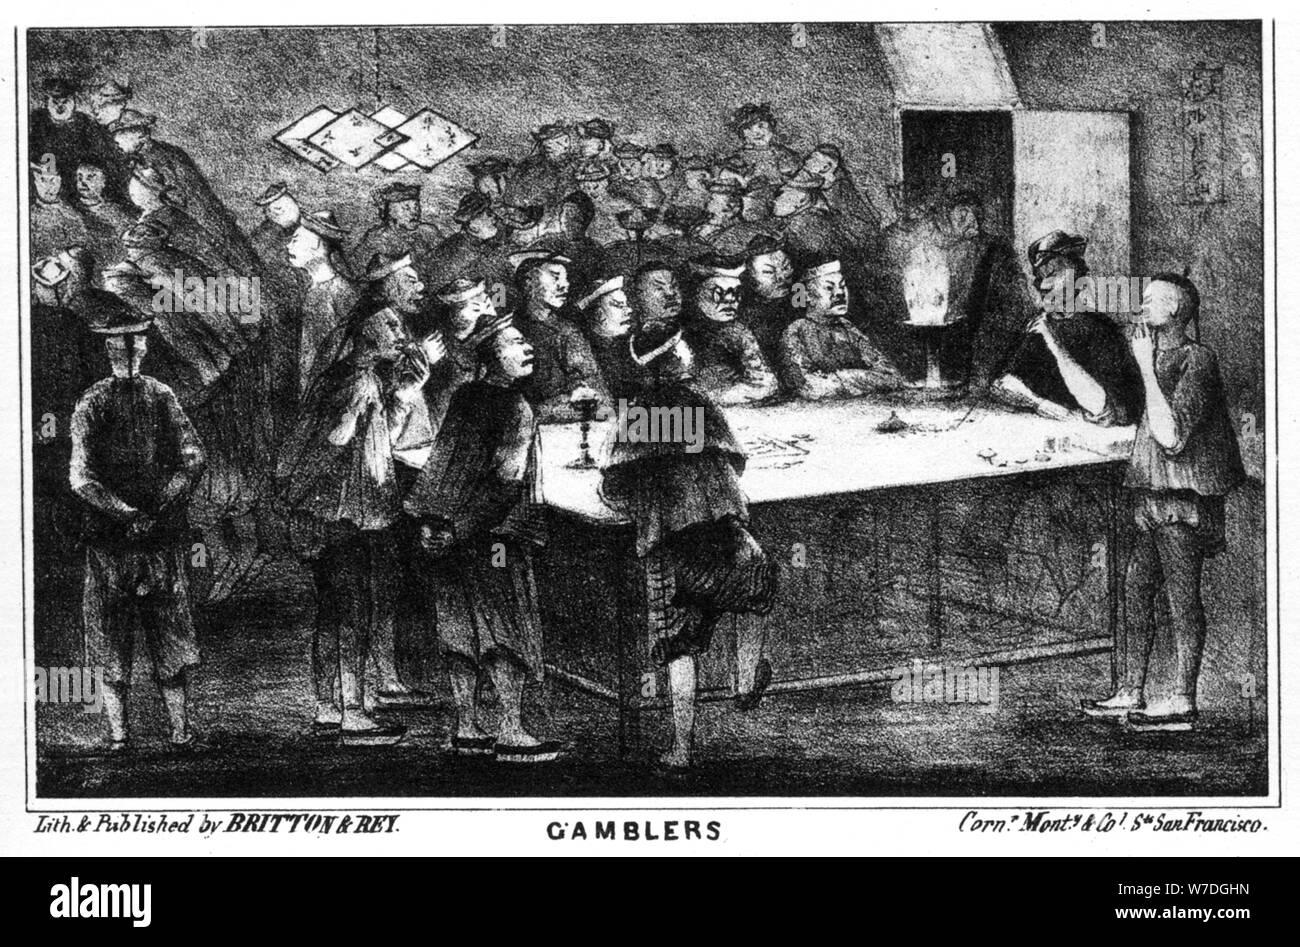 Il gioco d'azzardo durante il californiano gold rush, XIX secolo (1937).Artista: Britton & Rey Foto Stock